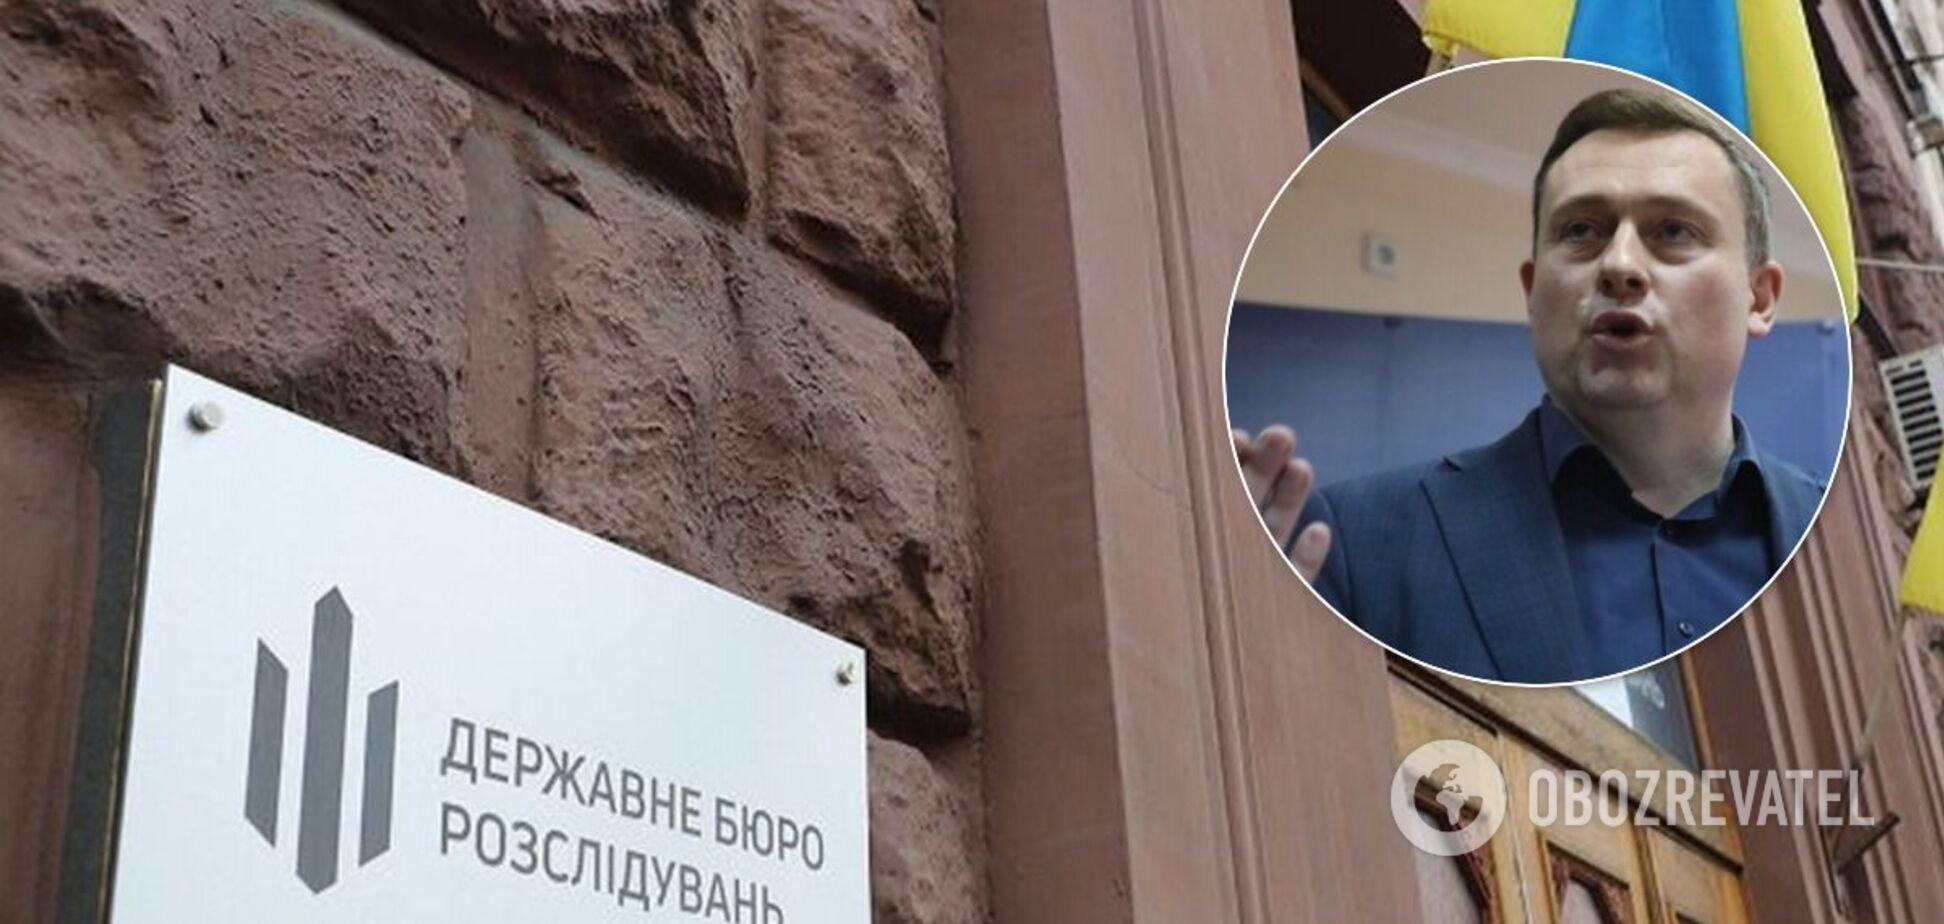 Офис генпрокурора начал расследование увольнения Бабикова